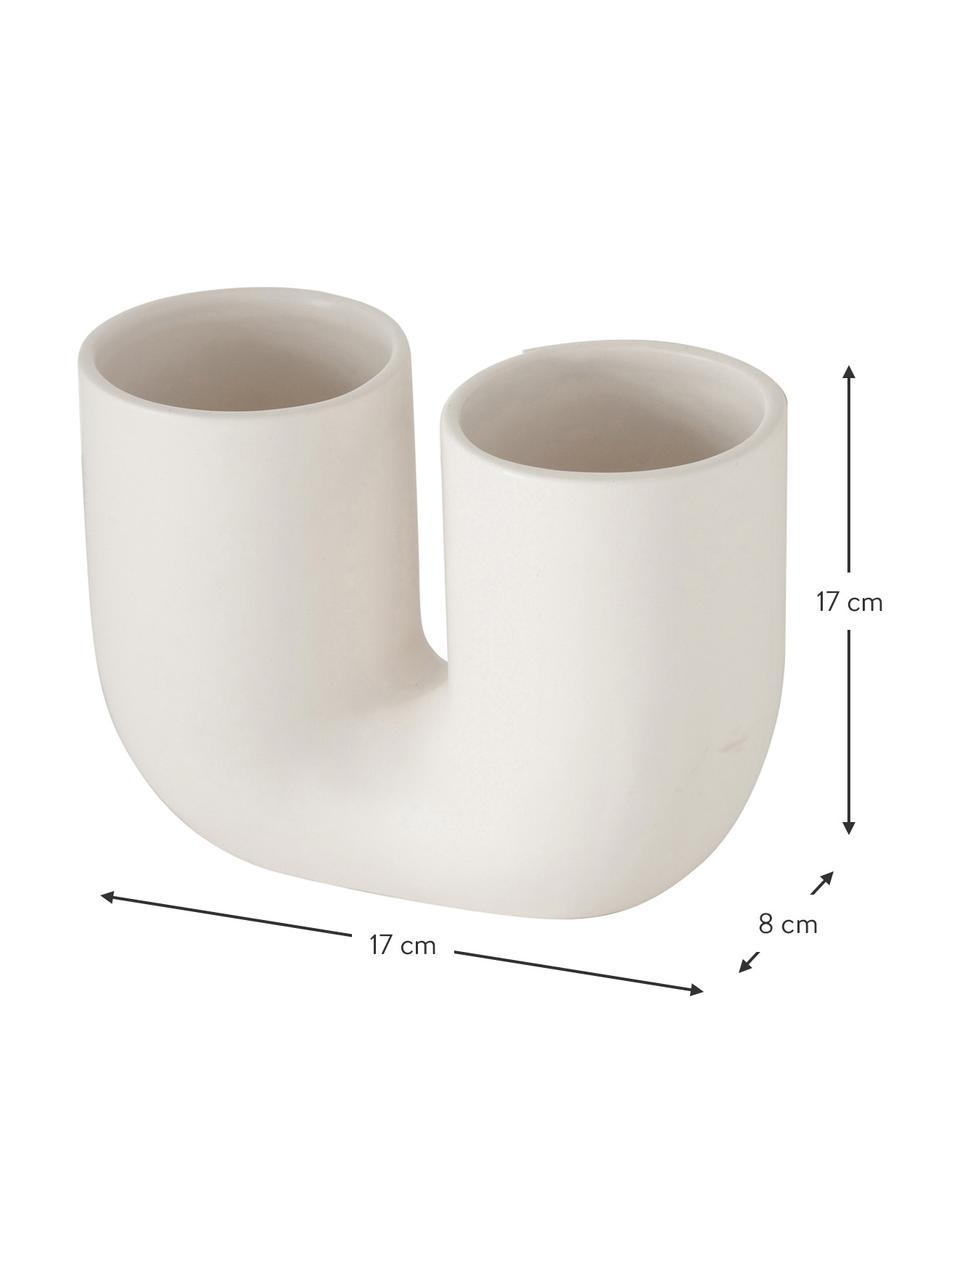 Steingut-Vasen-Set Filicio, 2-tlg., Steingut, Weiß, 17 x 17 cm